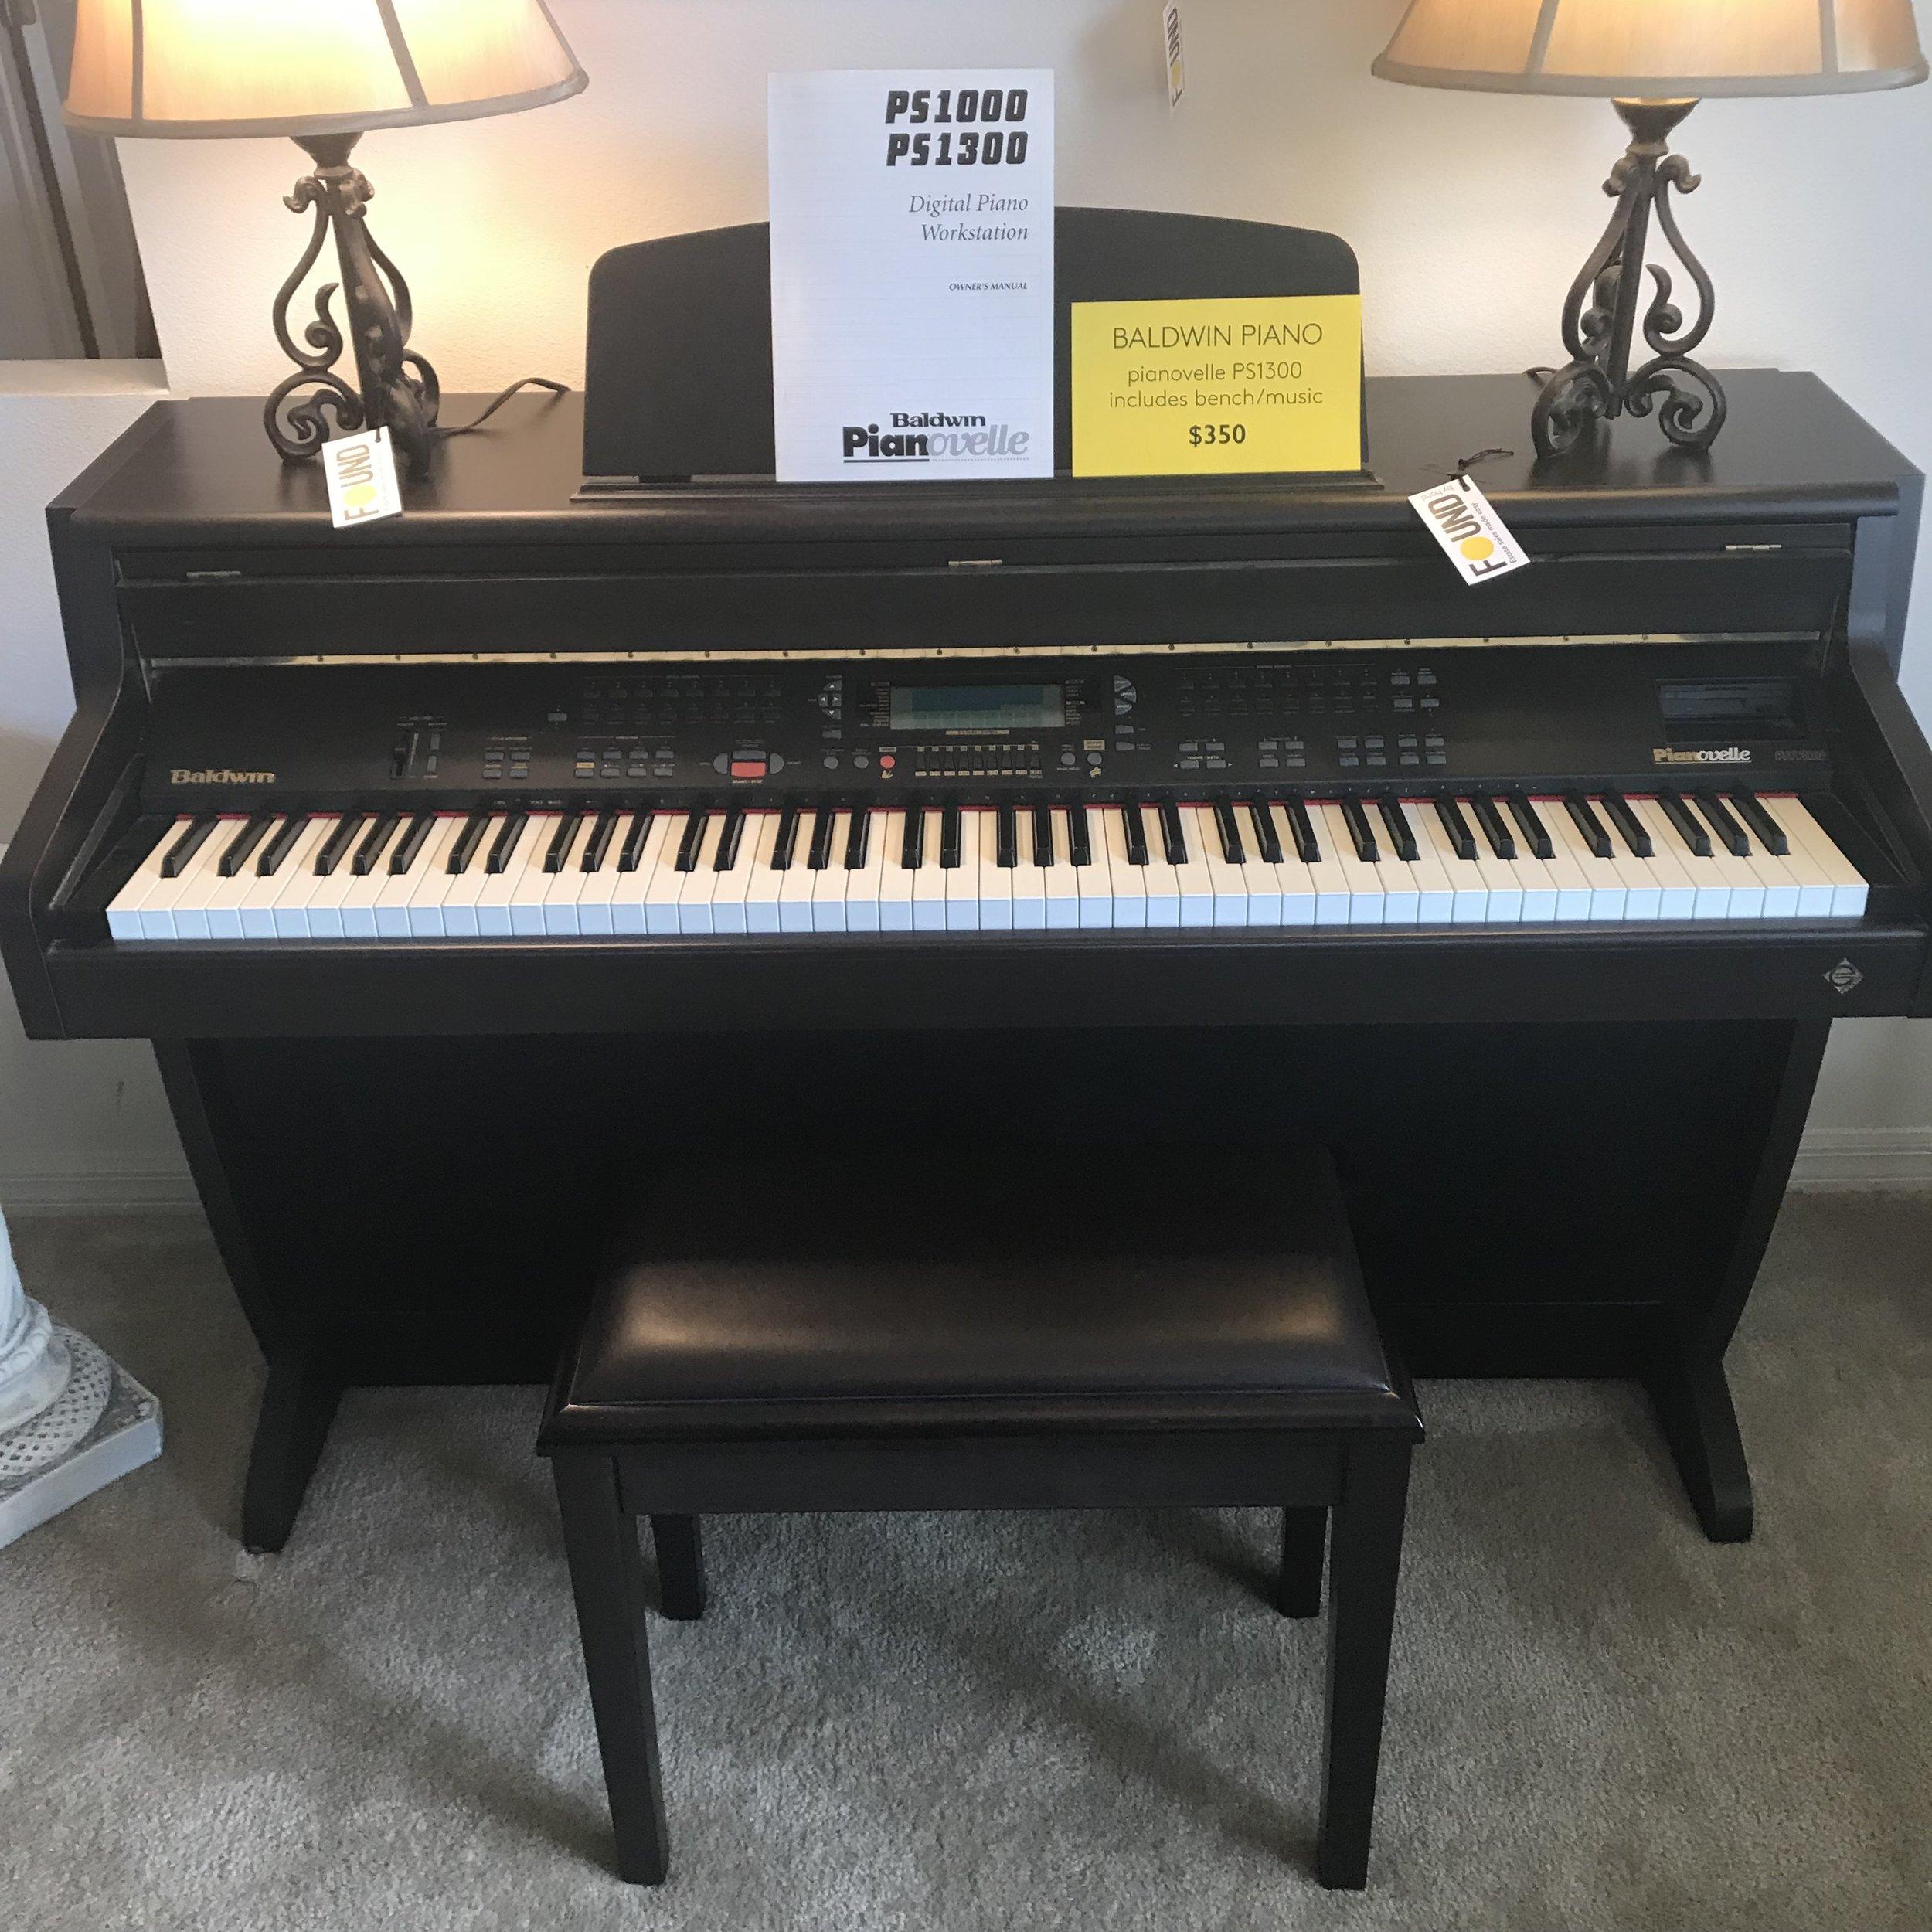 BALDWIN PIANOVELLE PS1300